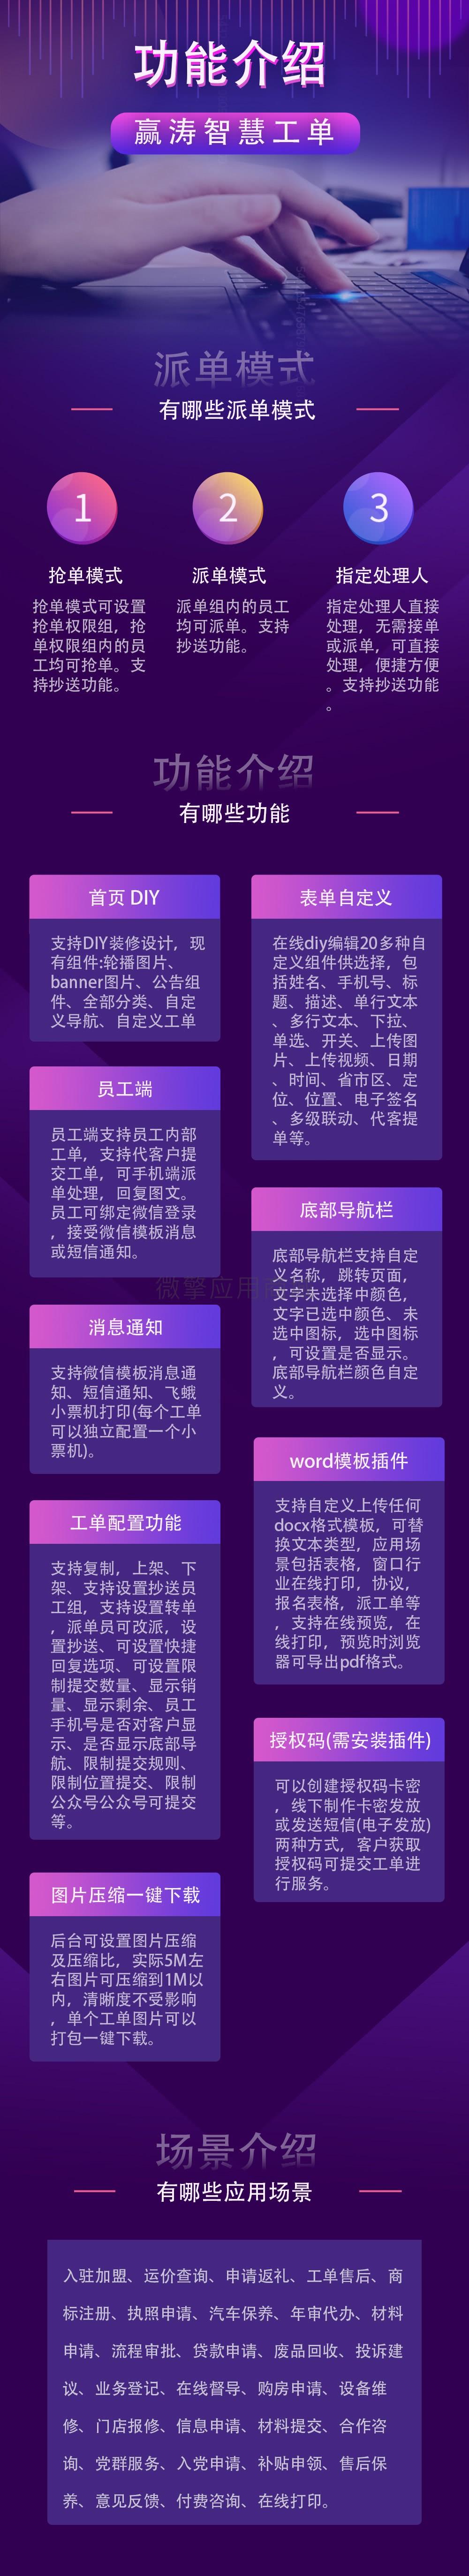 【公众号源码】赢涛智慧工单1.6.7版本(修复部分异常)-闲人源码